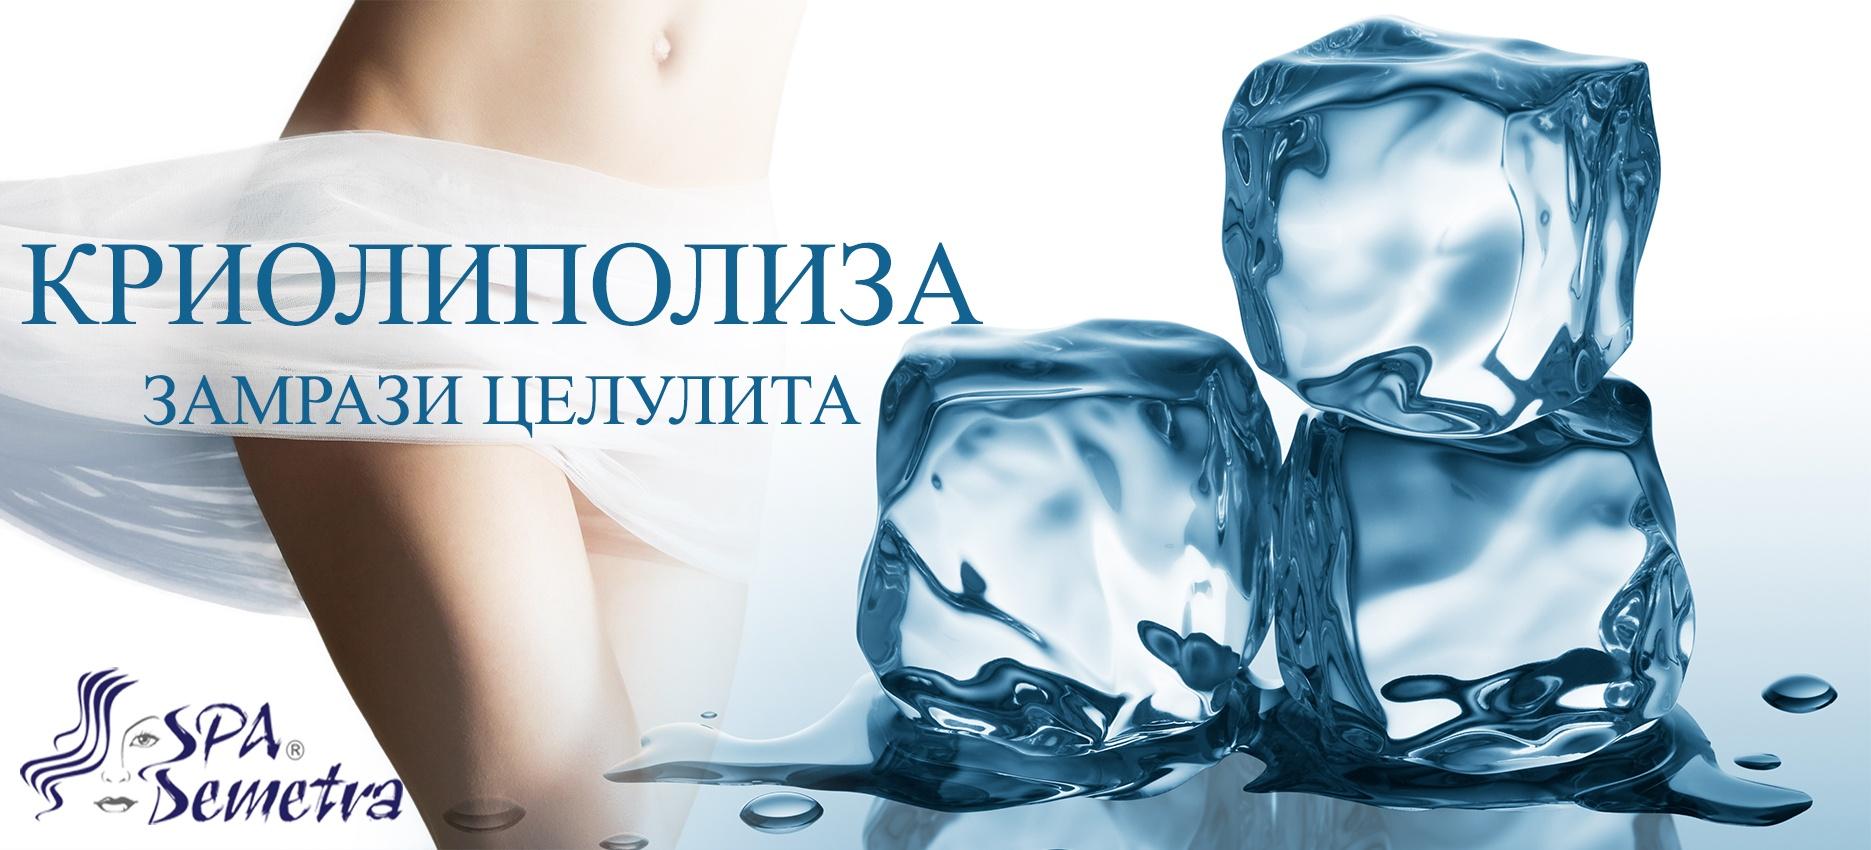 Криолиполизата е технология за отслабване и борба със затлъстяването.